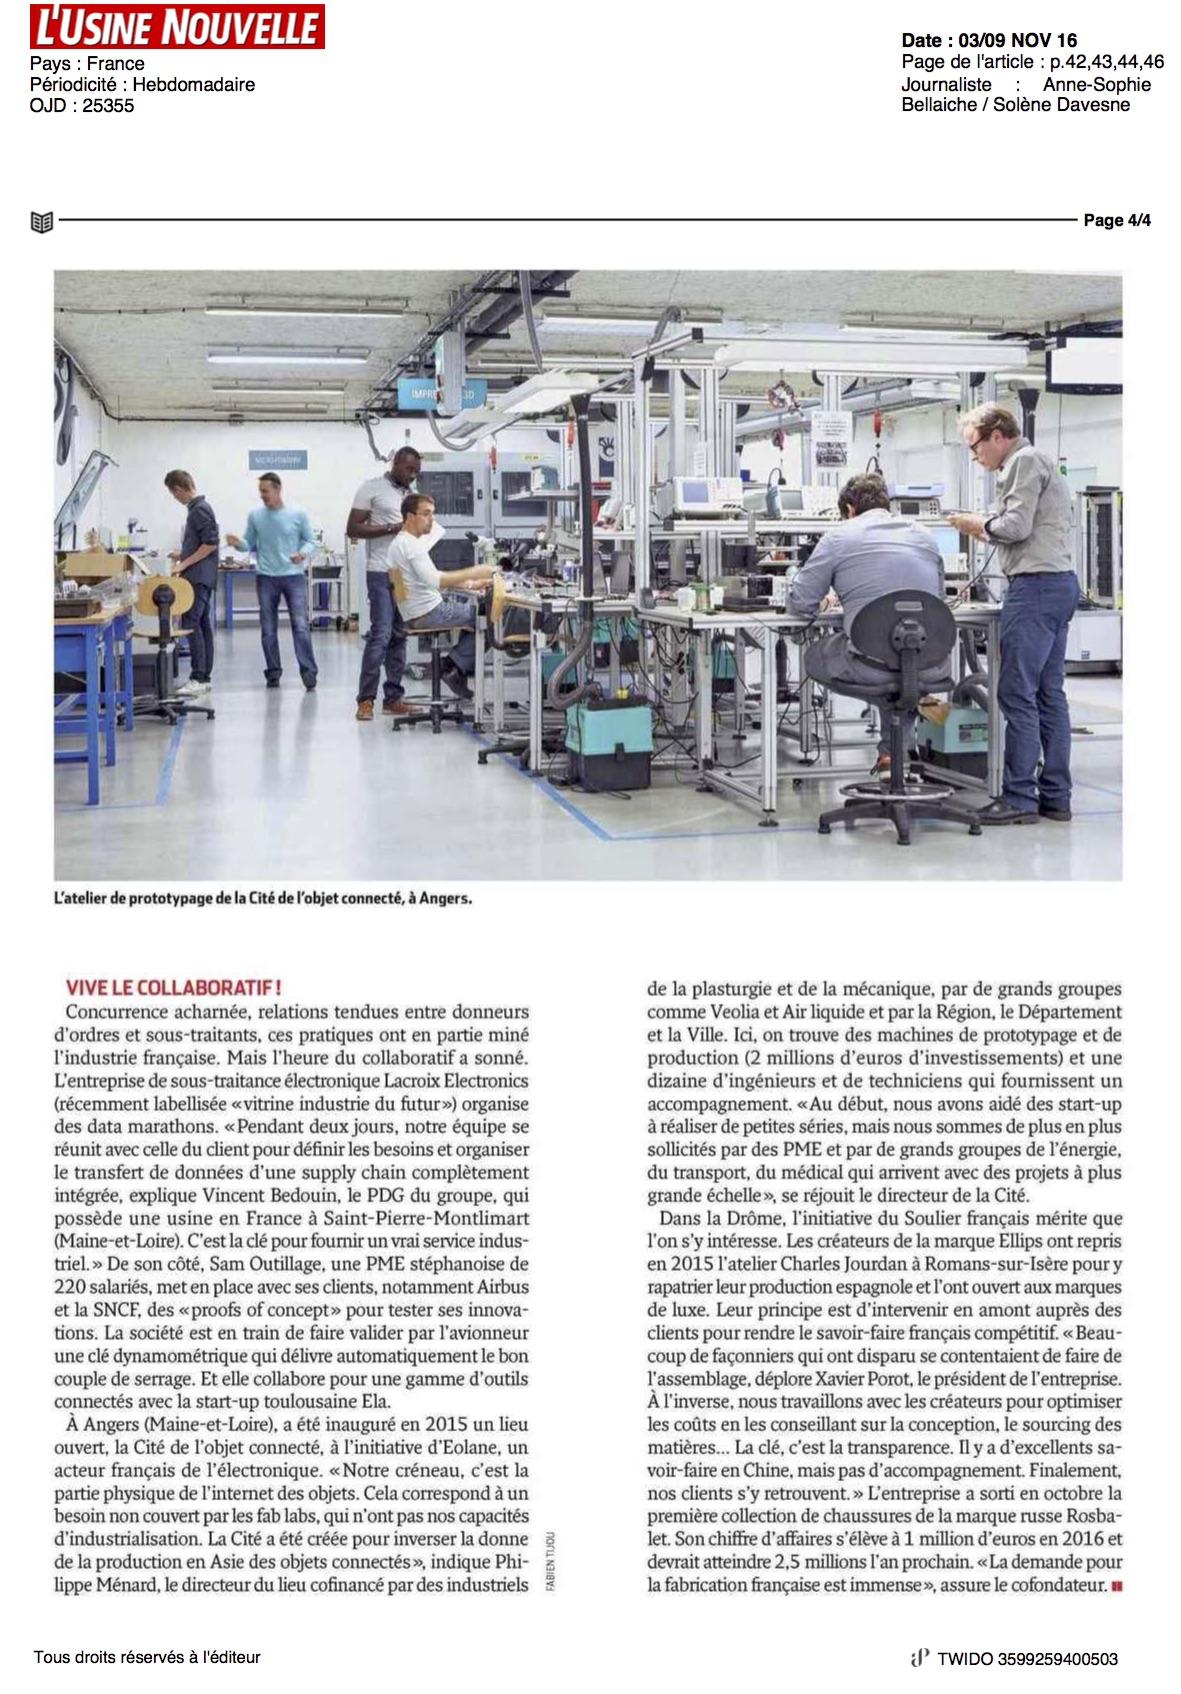 usine nouvelle page 4